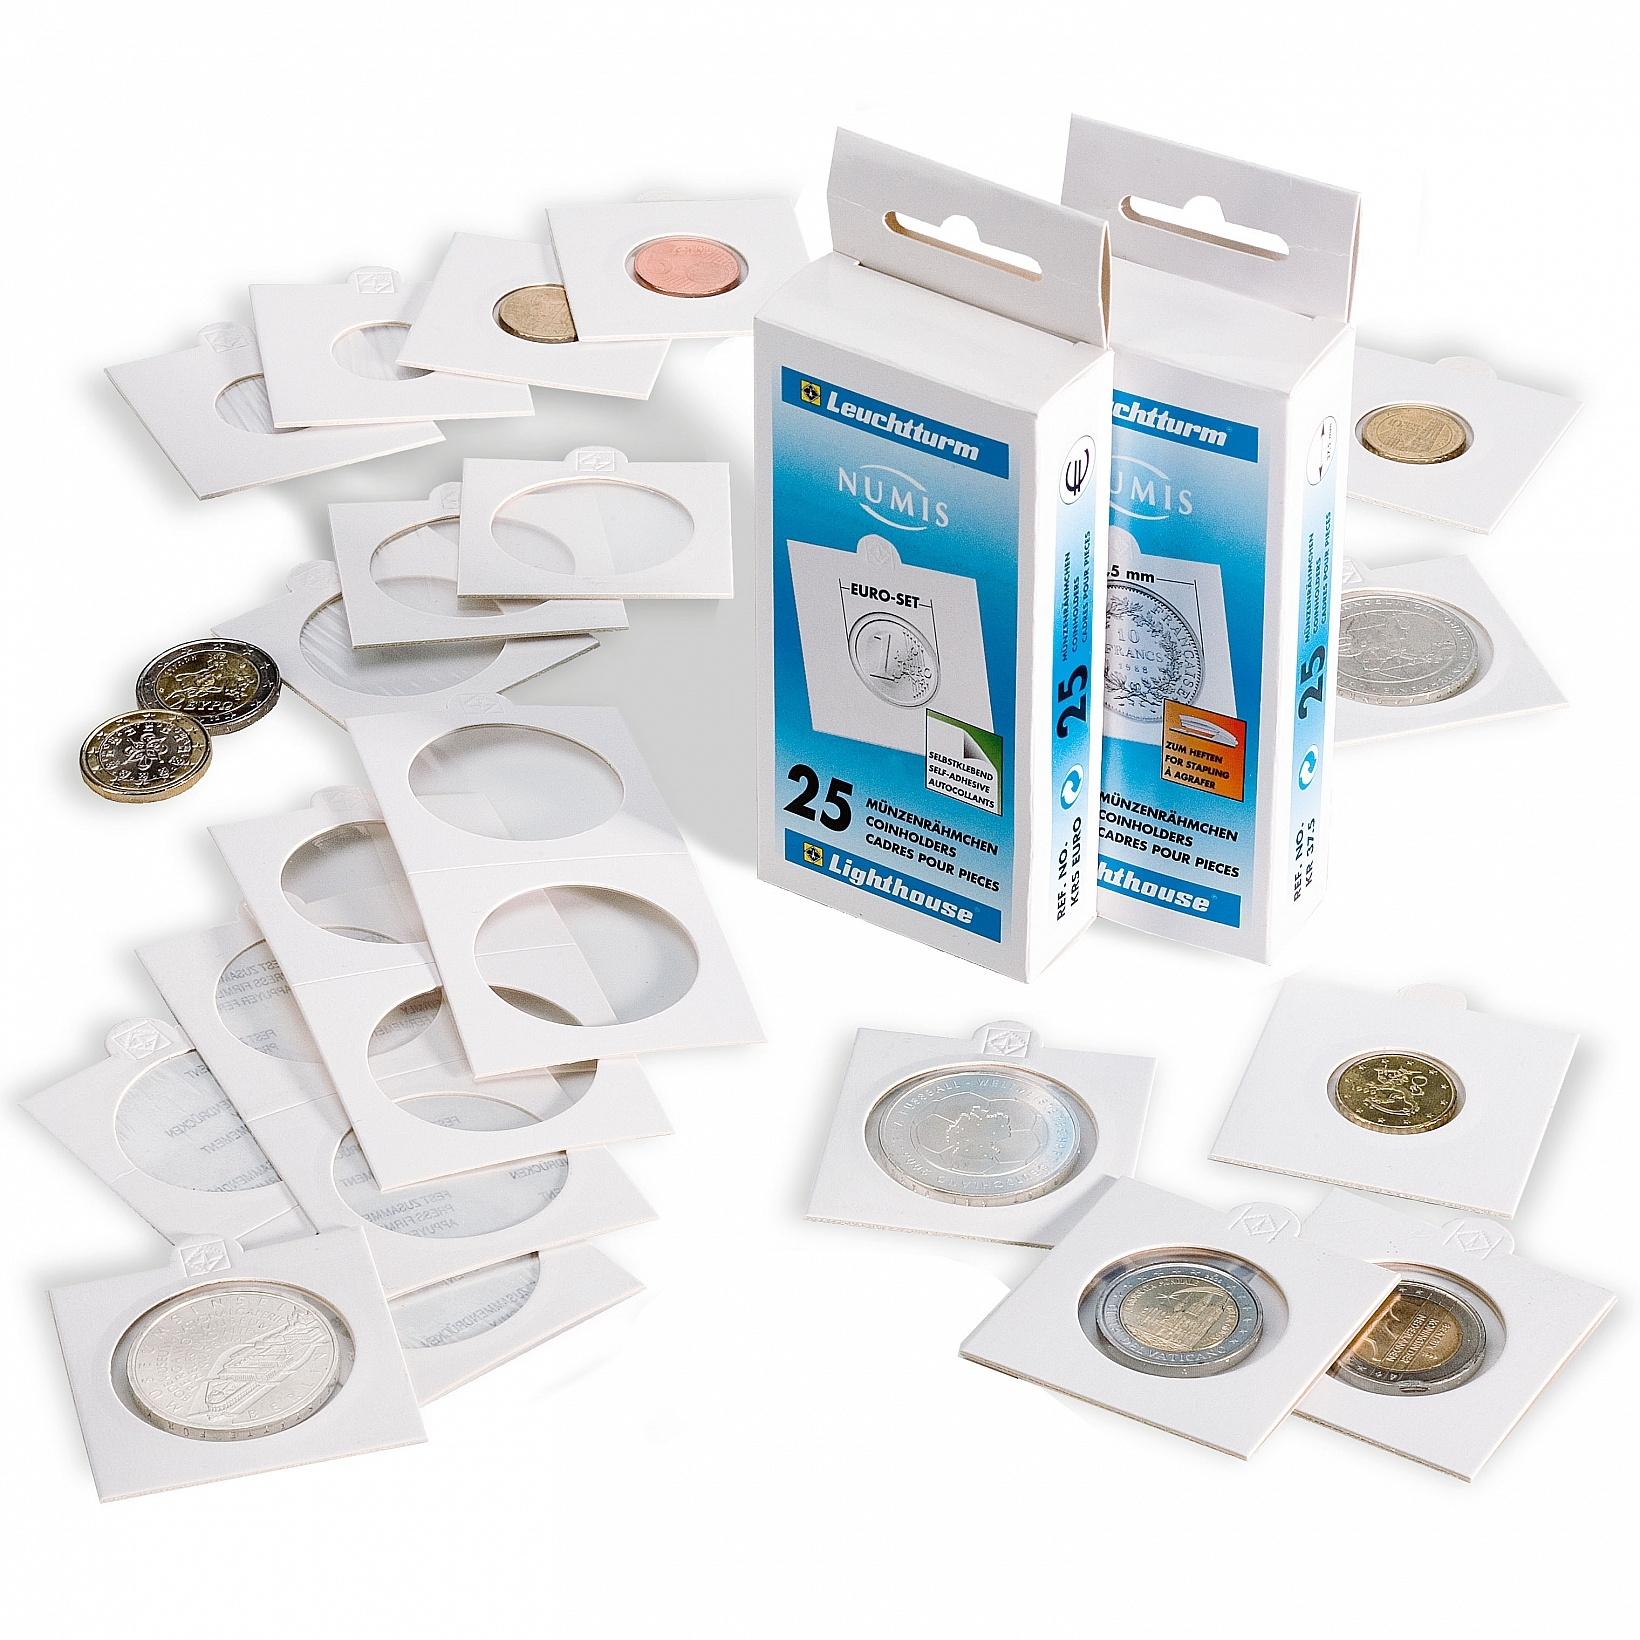 Χαρτονάκια Νομισμάτων Θήκες Lighthouse Αυτοκόλλητα 39,5mm Νο 10